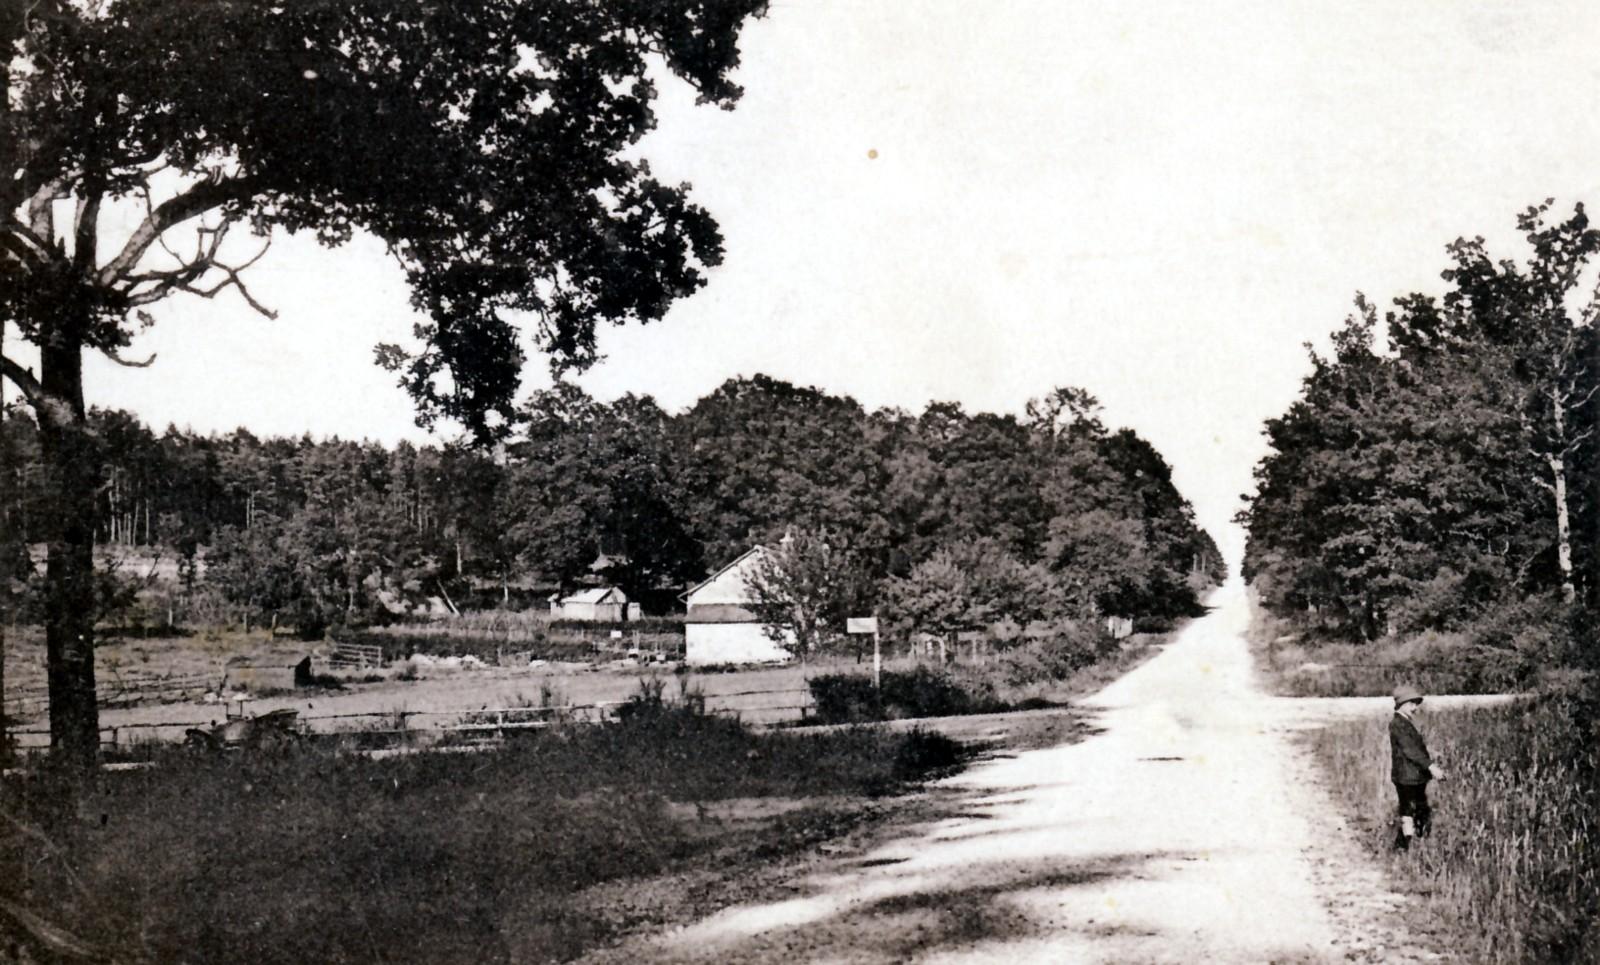 190x-carabin-gate